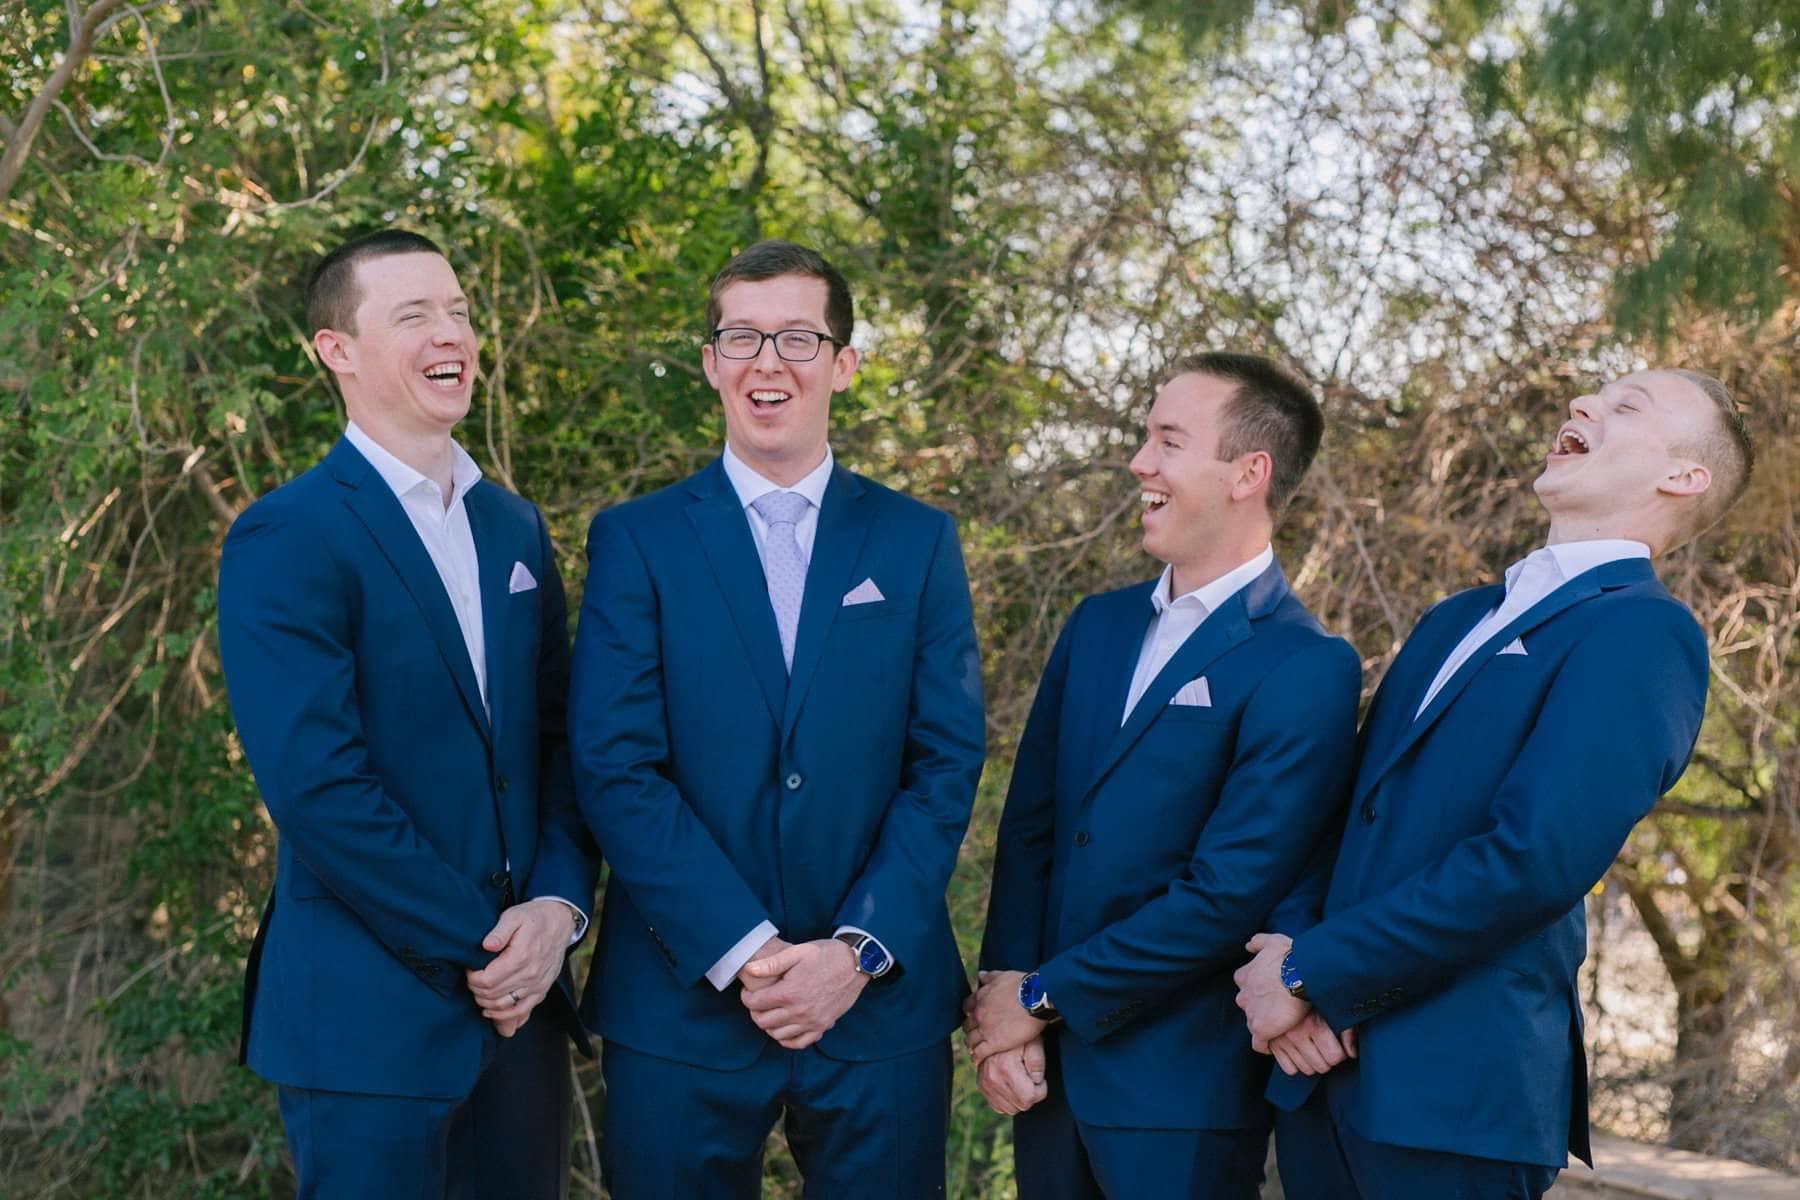 Phoenix Zoo wedding groom and groomsmen